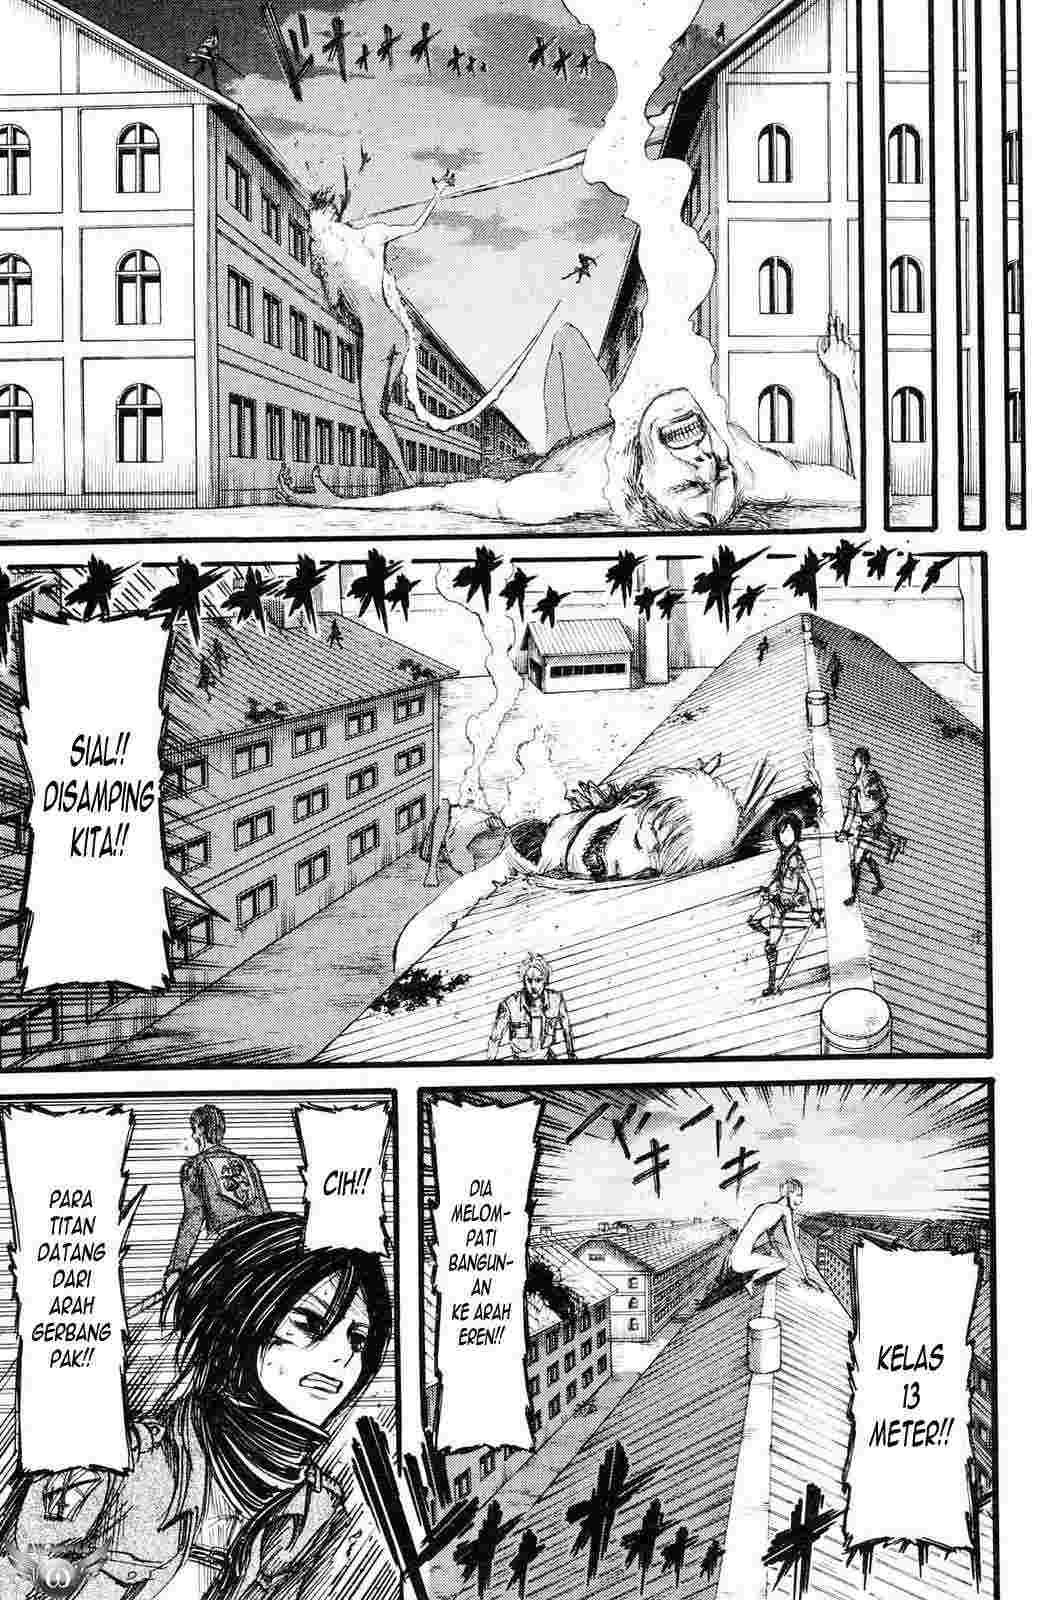 Komik shingeki no kyojin 013 - Luka 14 Indonesia shingeki no kyojin 013 - Luka Terbaru 26 Baca Manga Komik Indonesia Mangaku